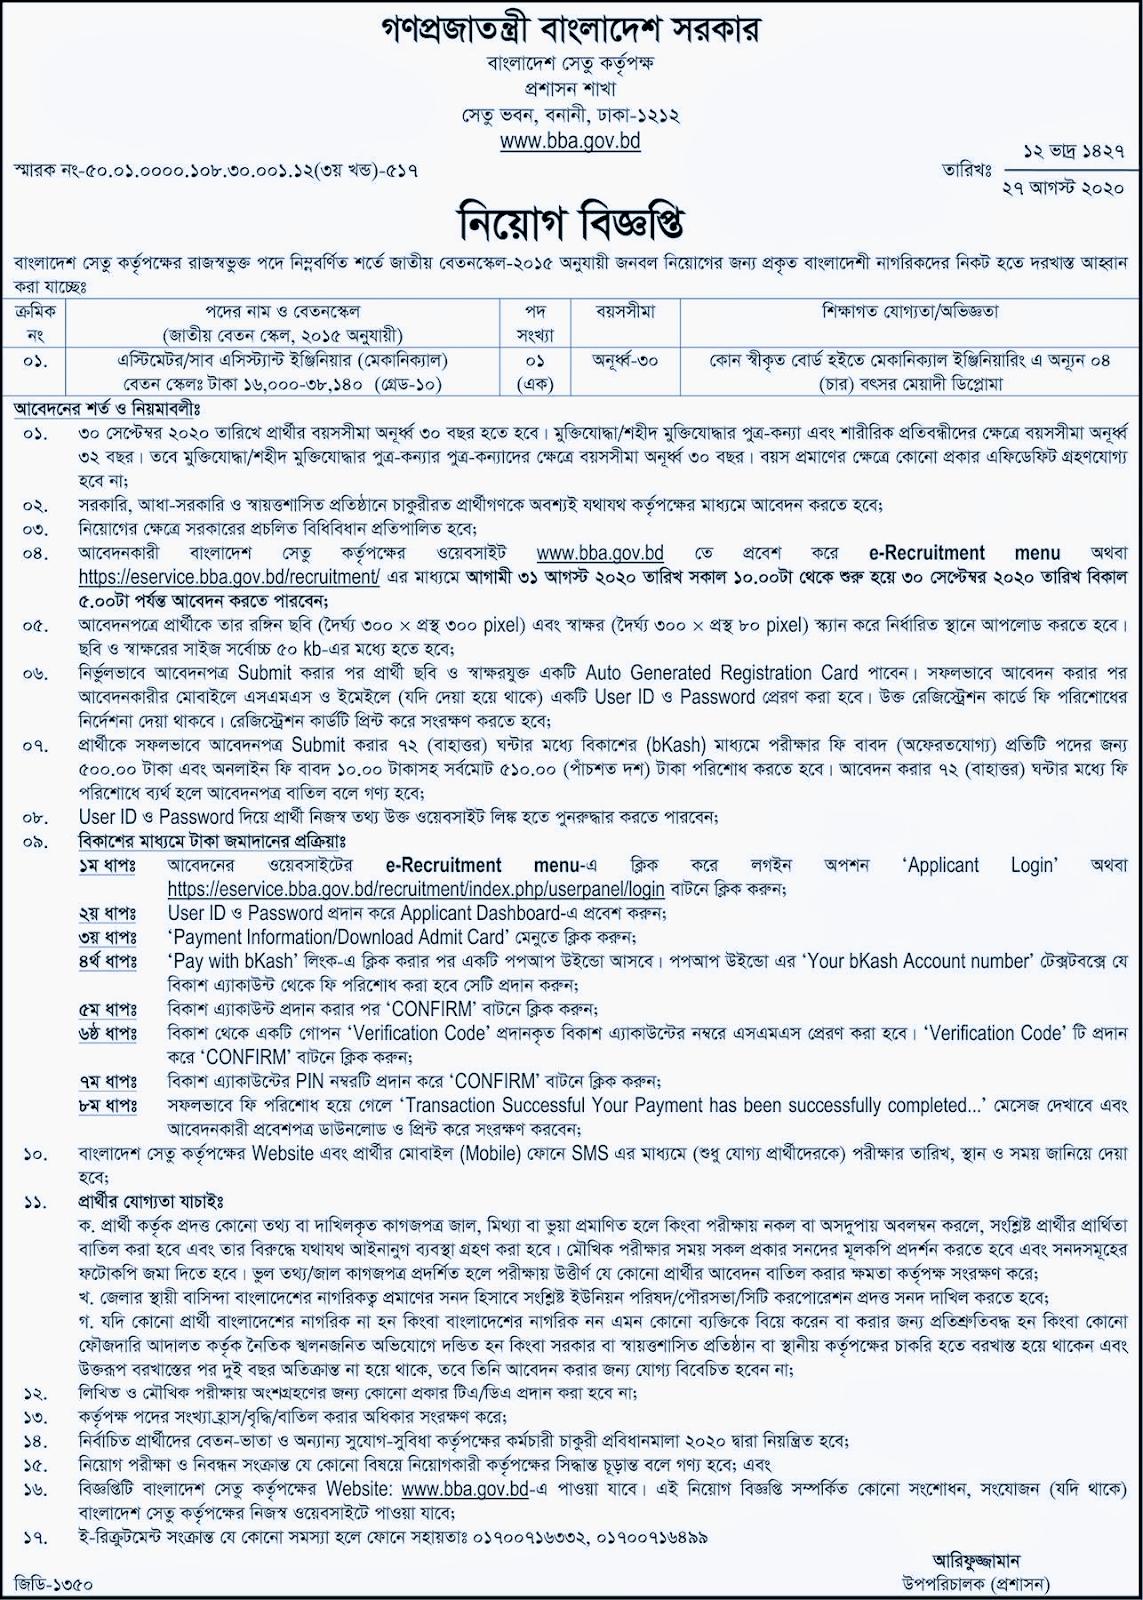 বাংলাদেশ সেতু কর্তৃপক্ষ